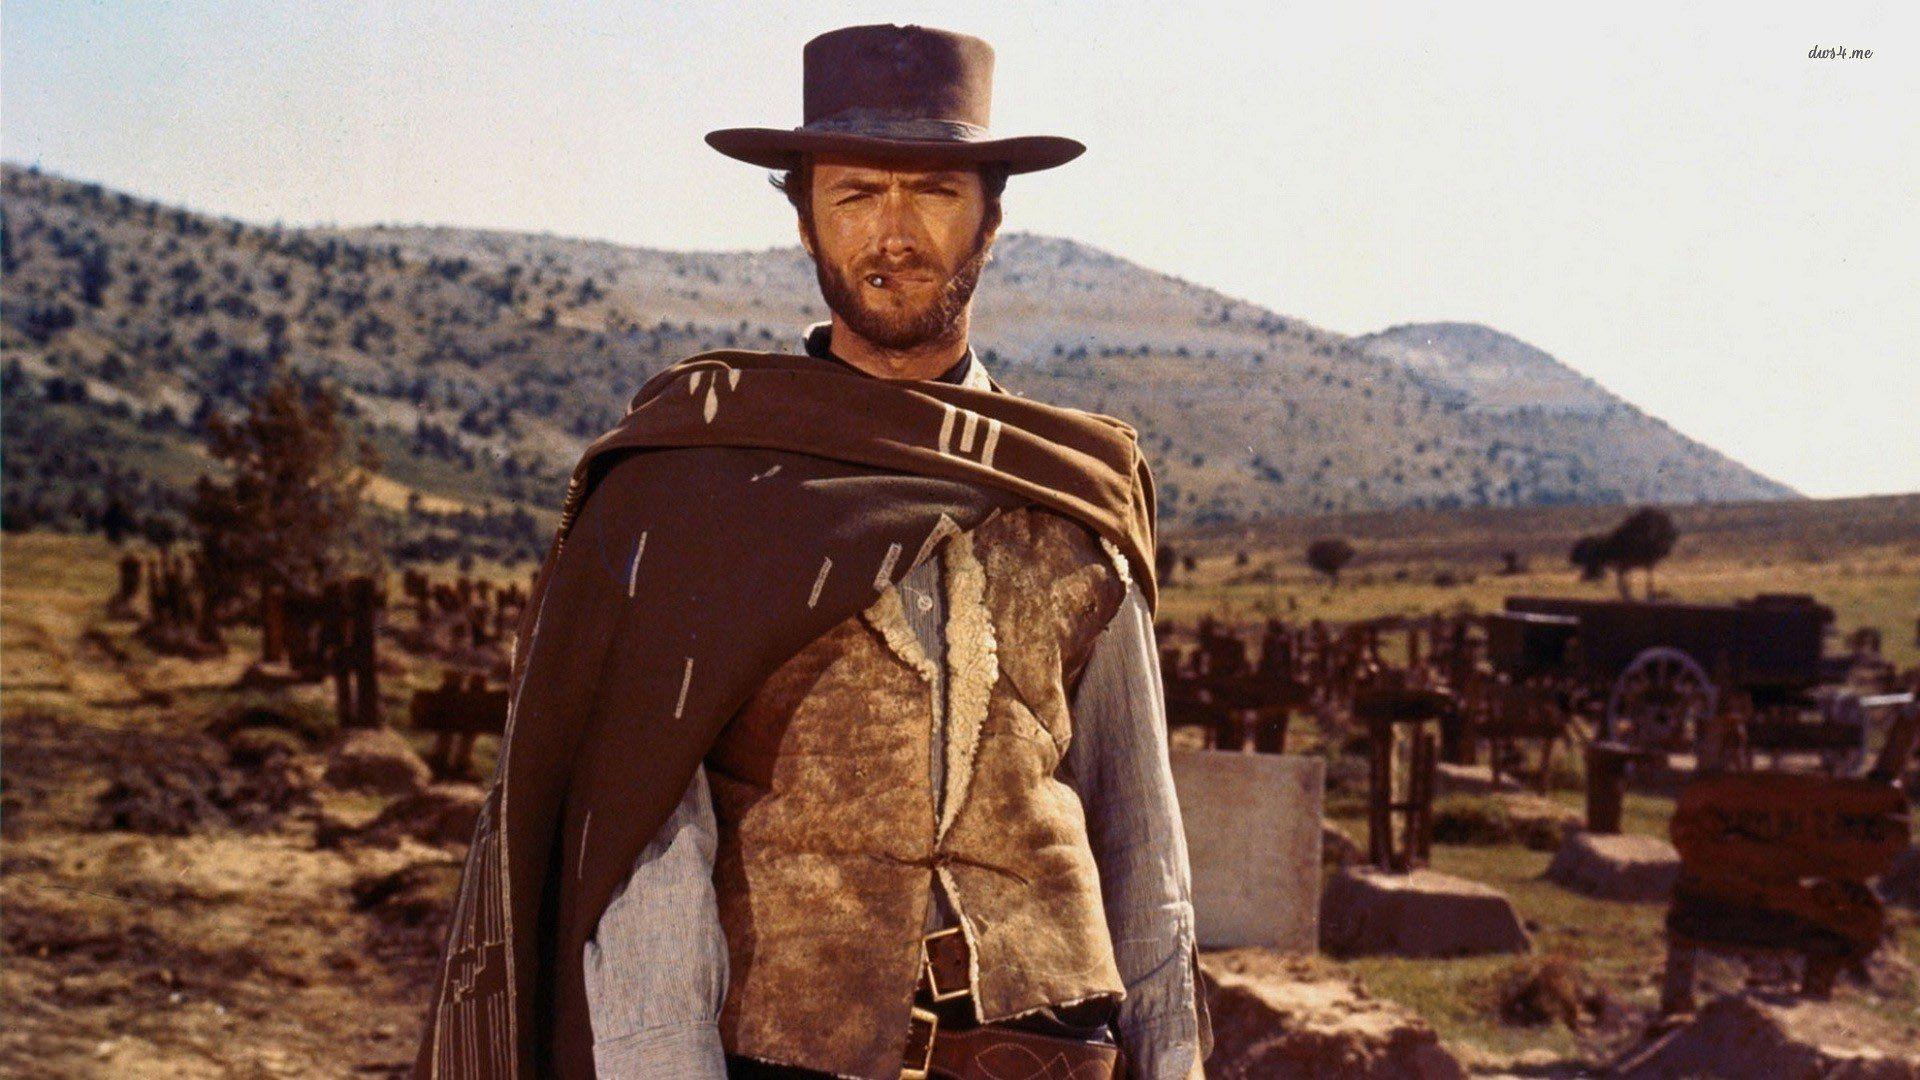 11372 - ¿Fan de Clint Eastwood?